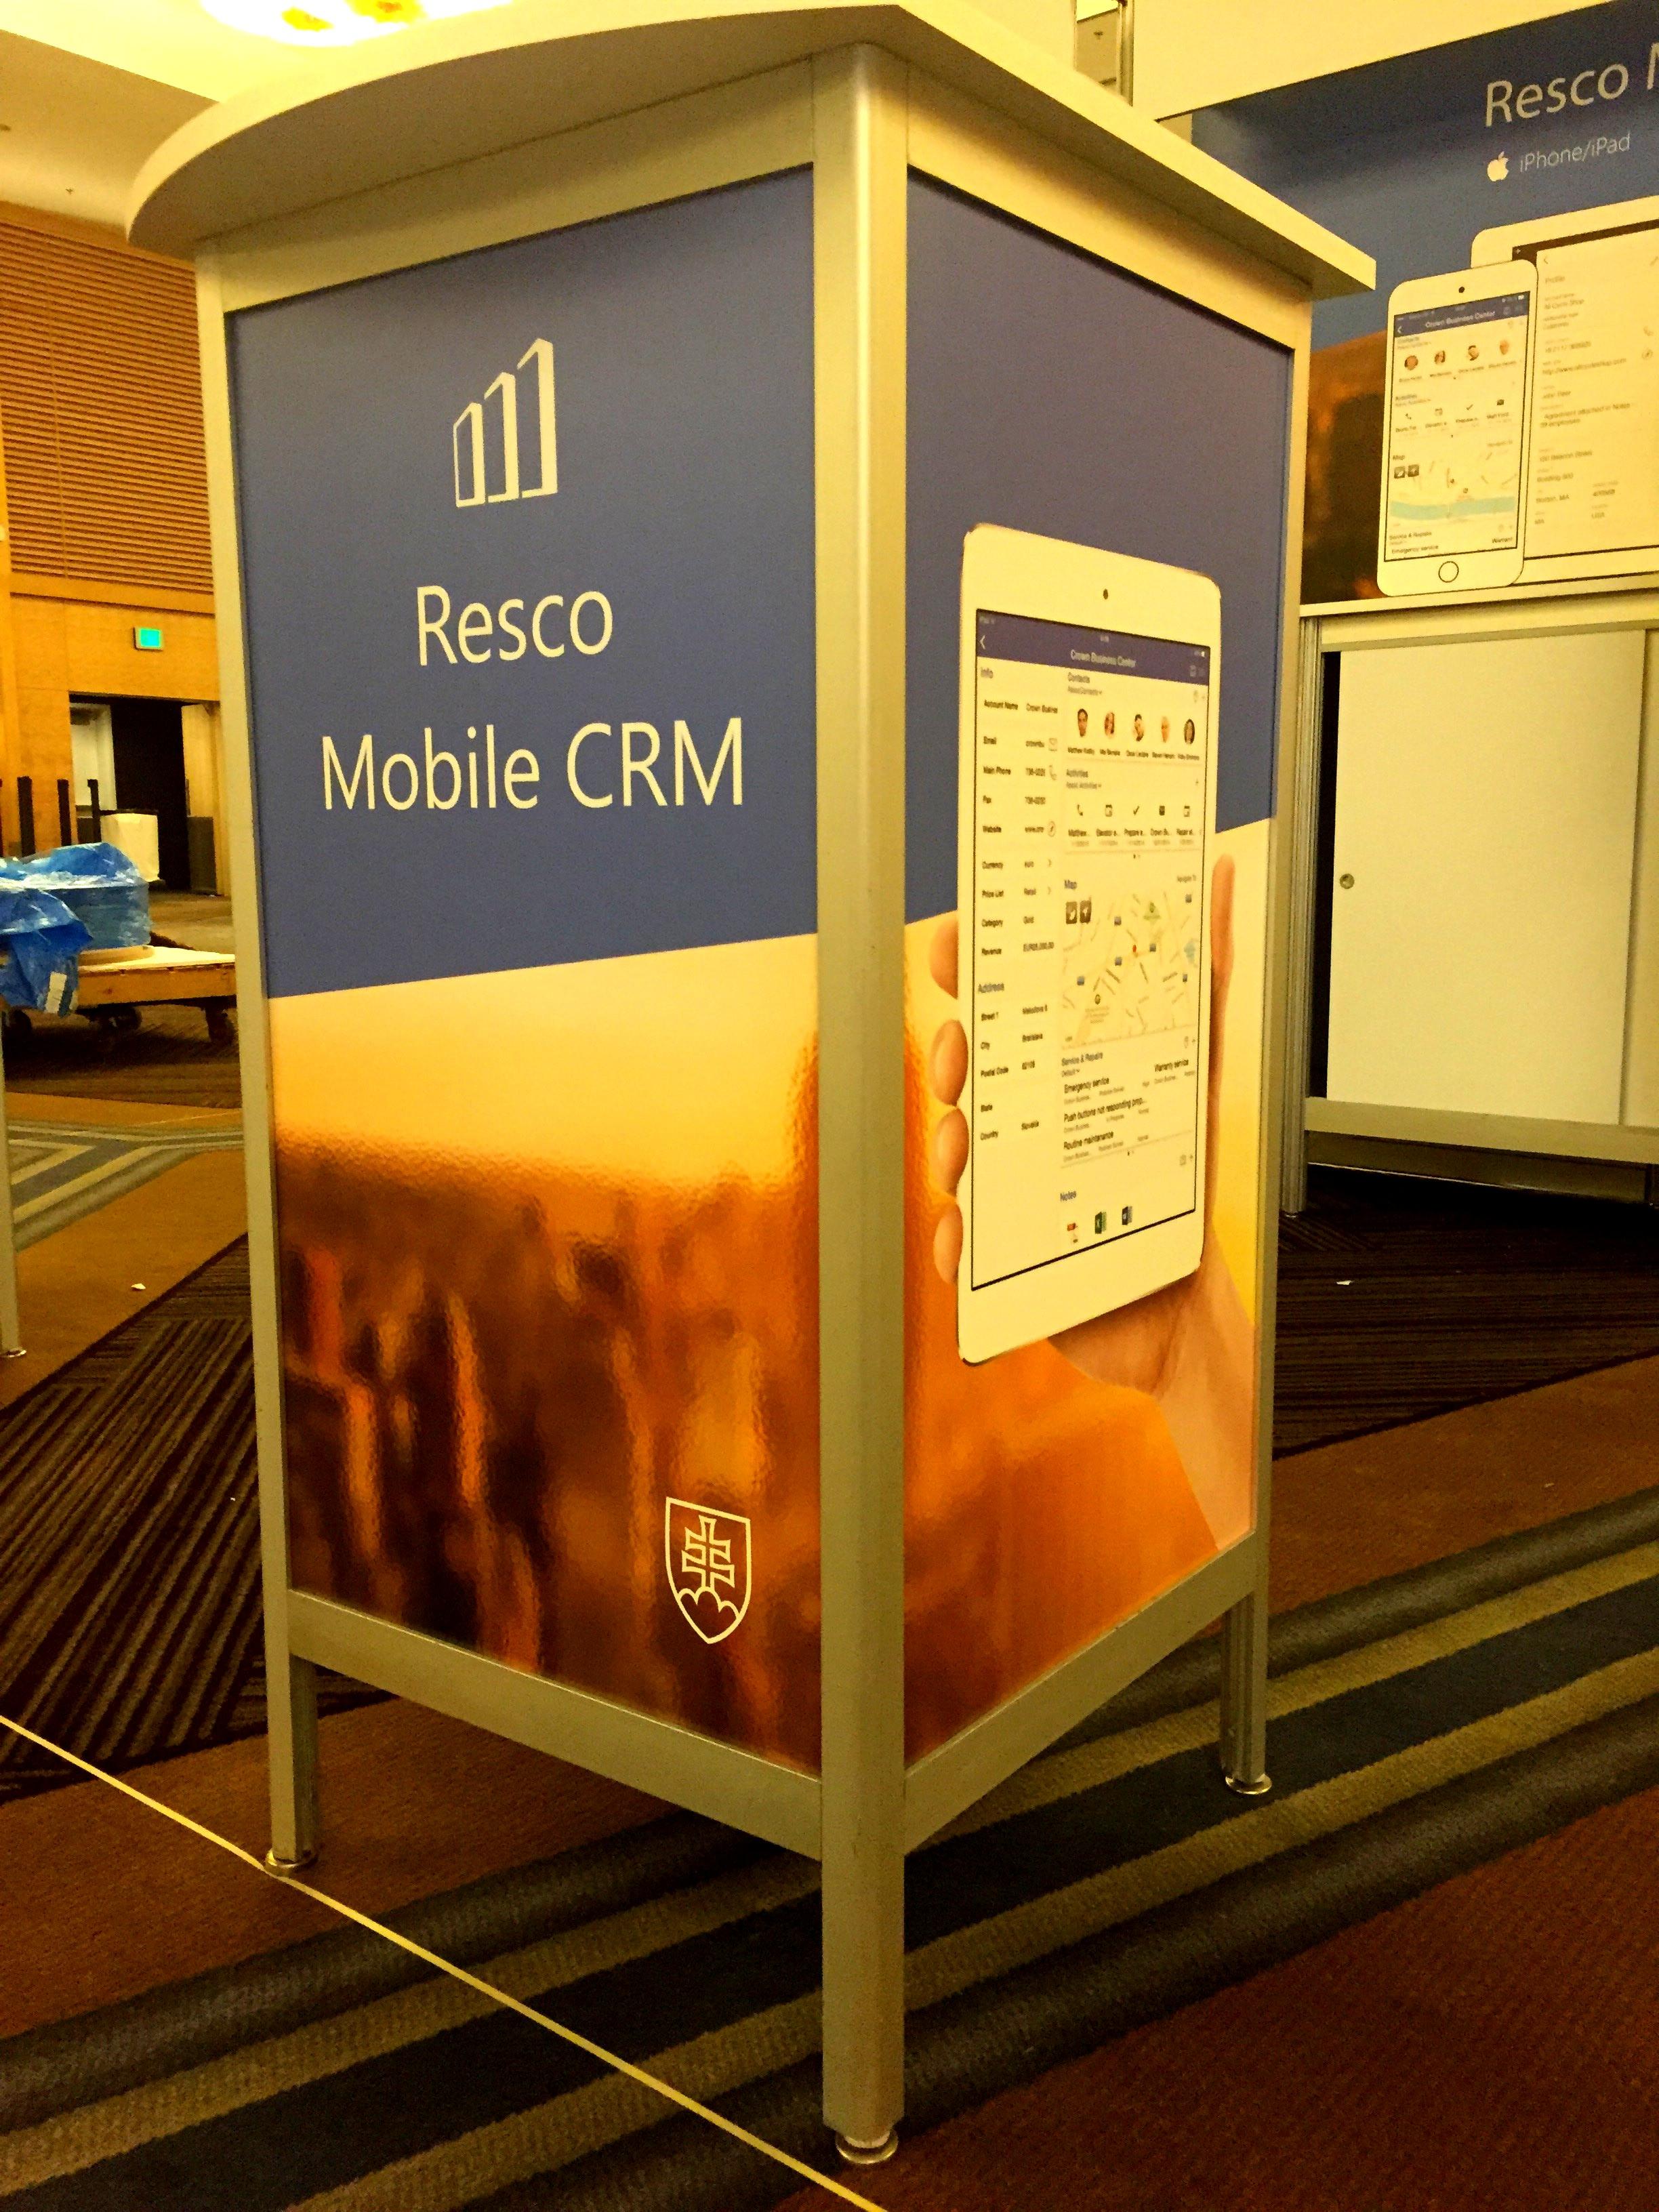 Resco_mobileCRM_booth